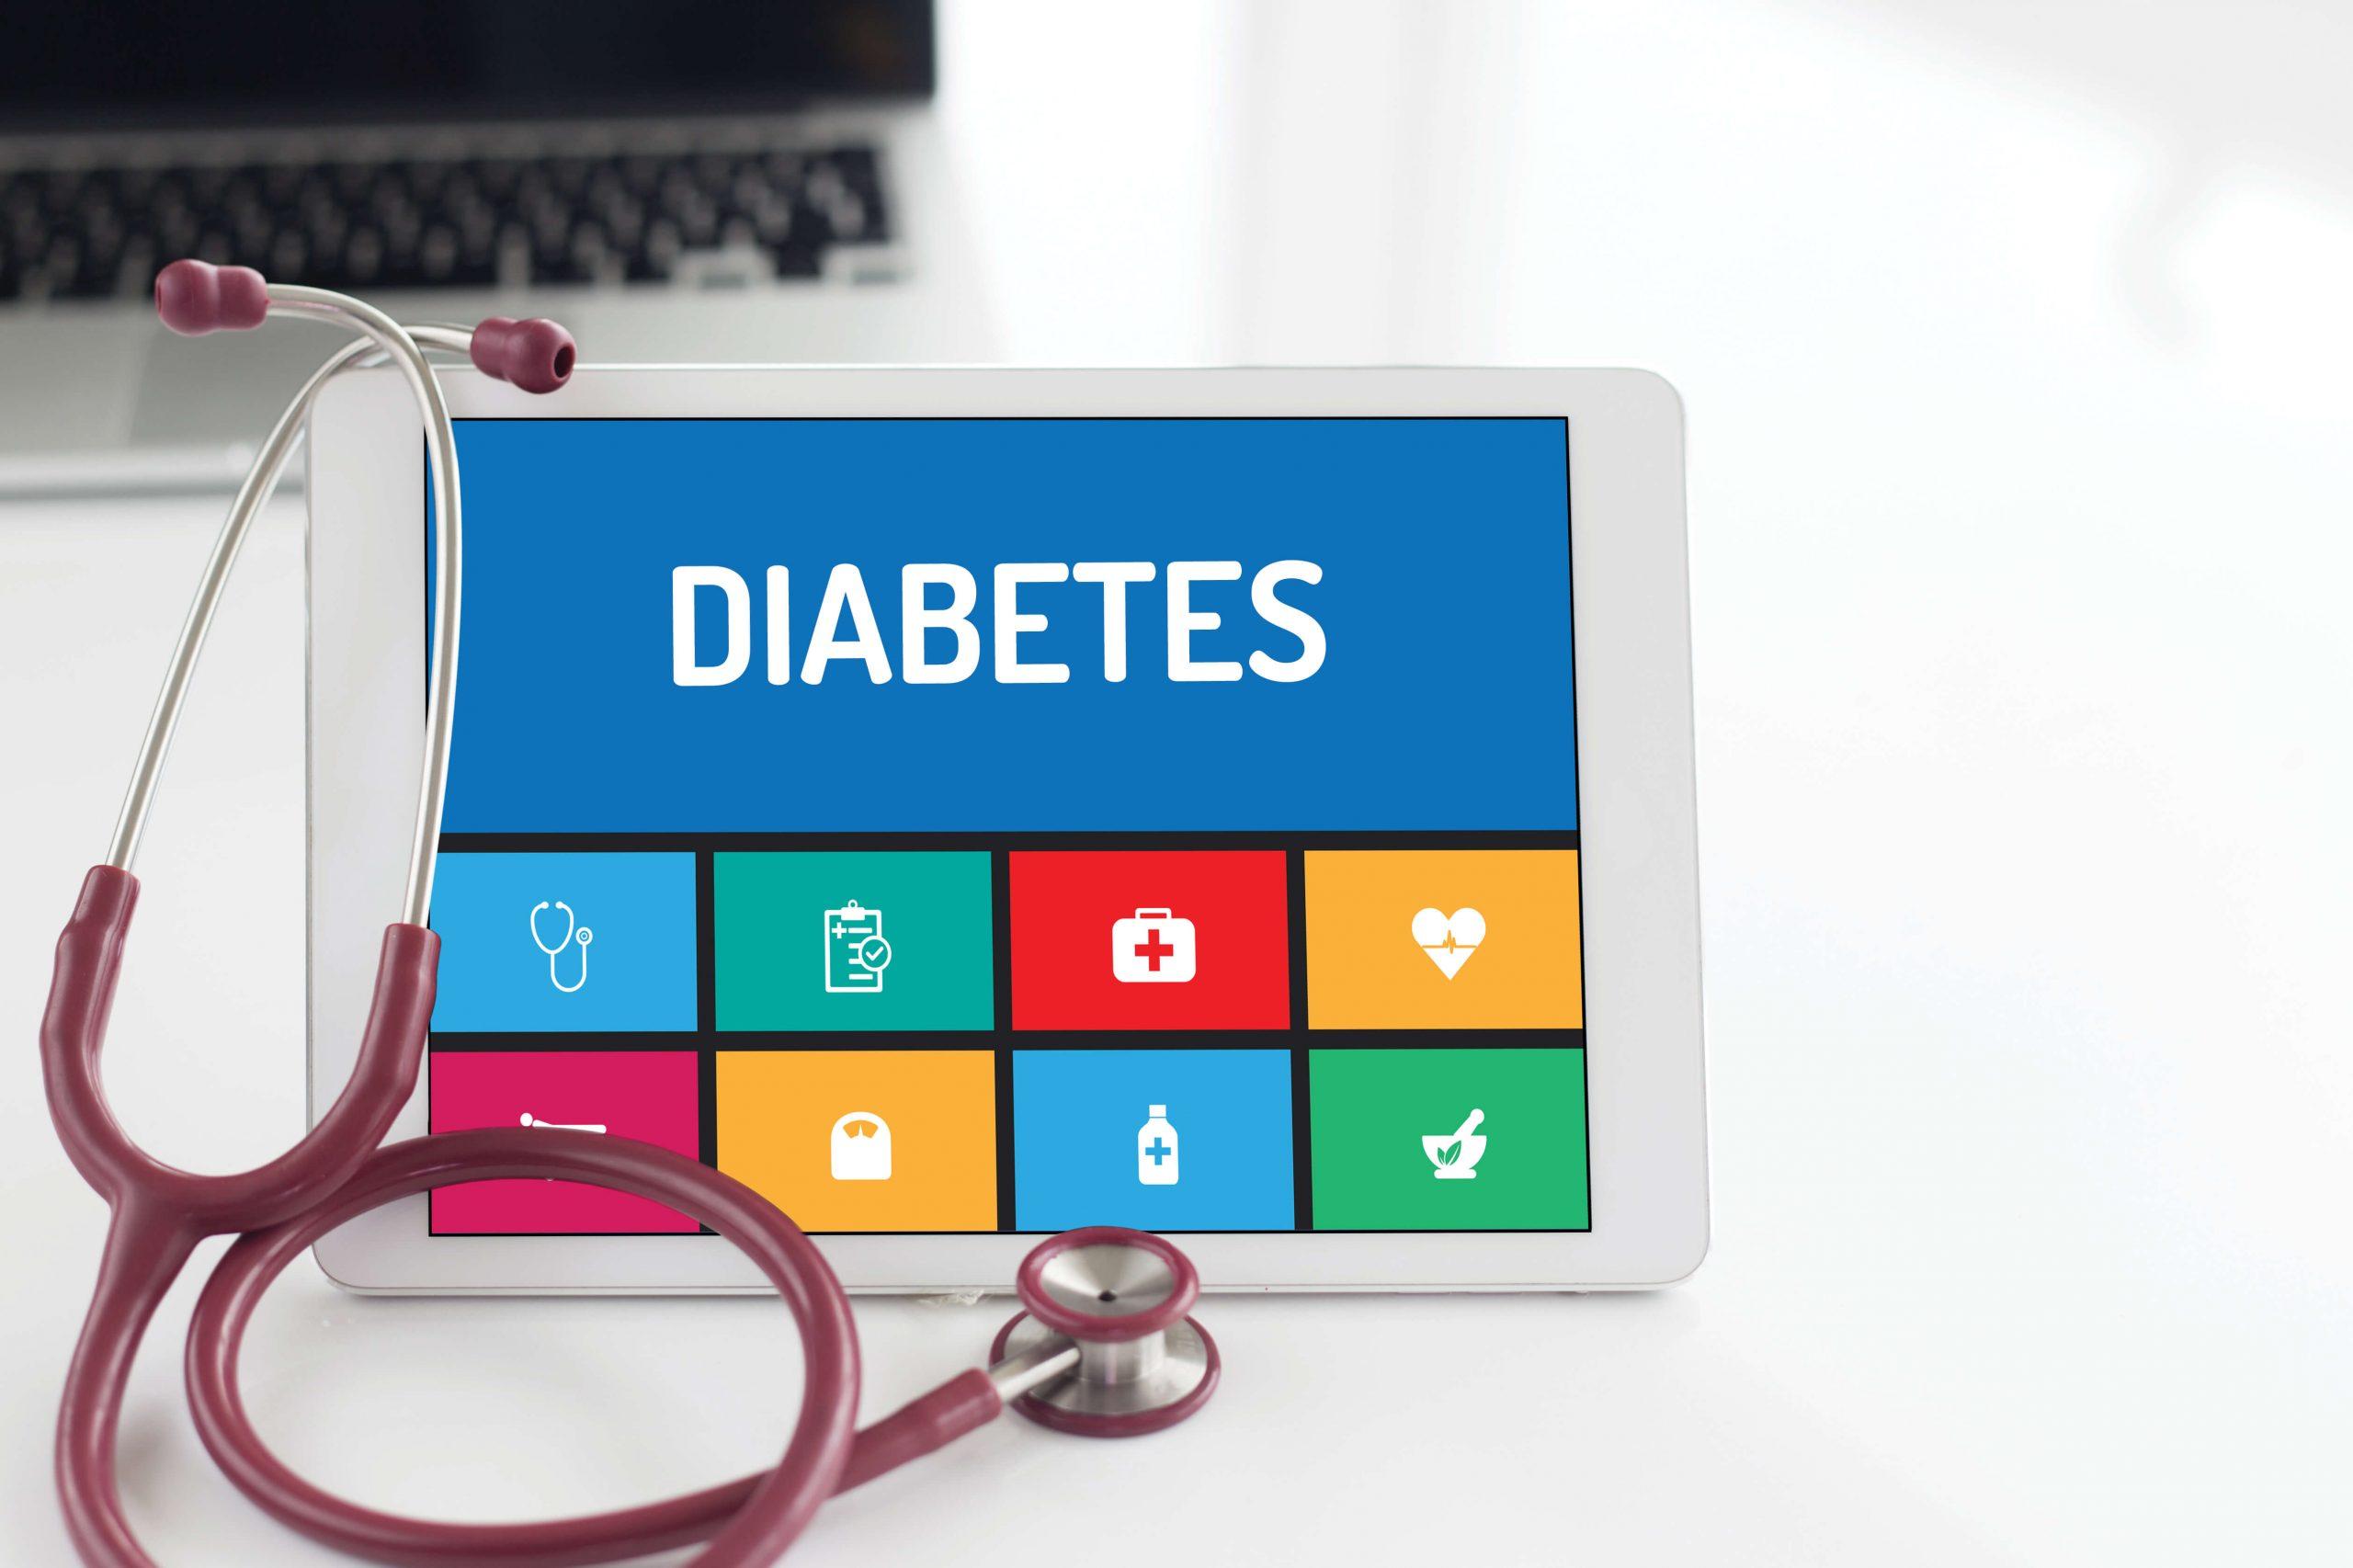 DIABETES IN TABLET